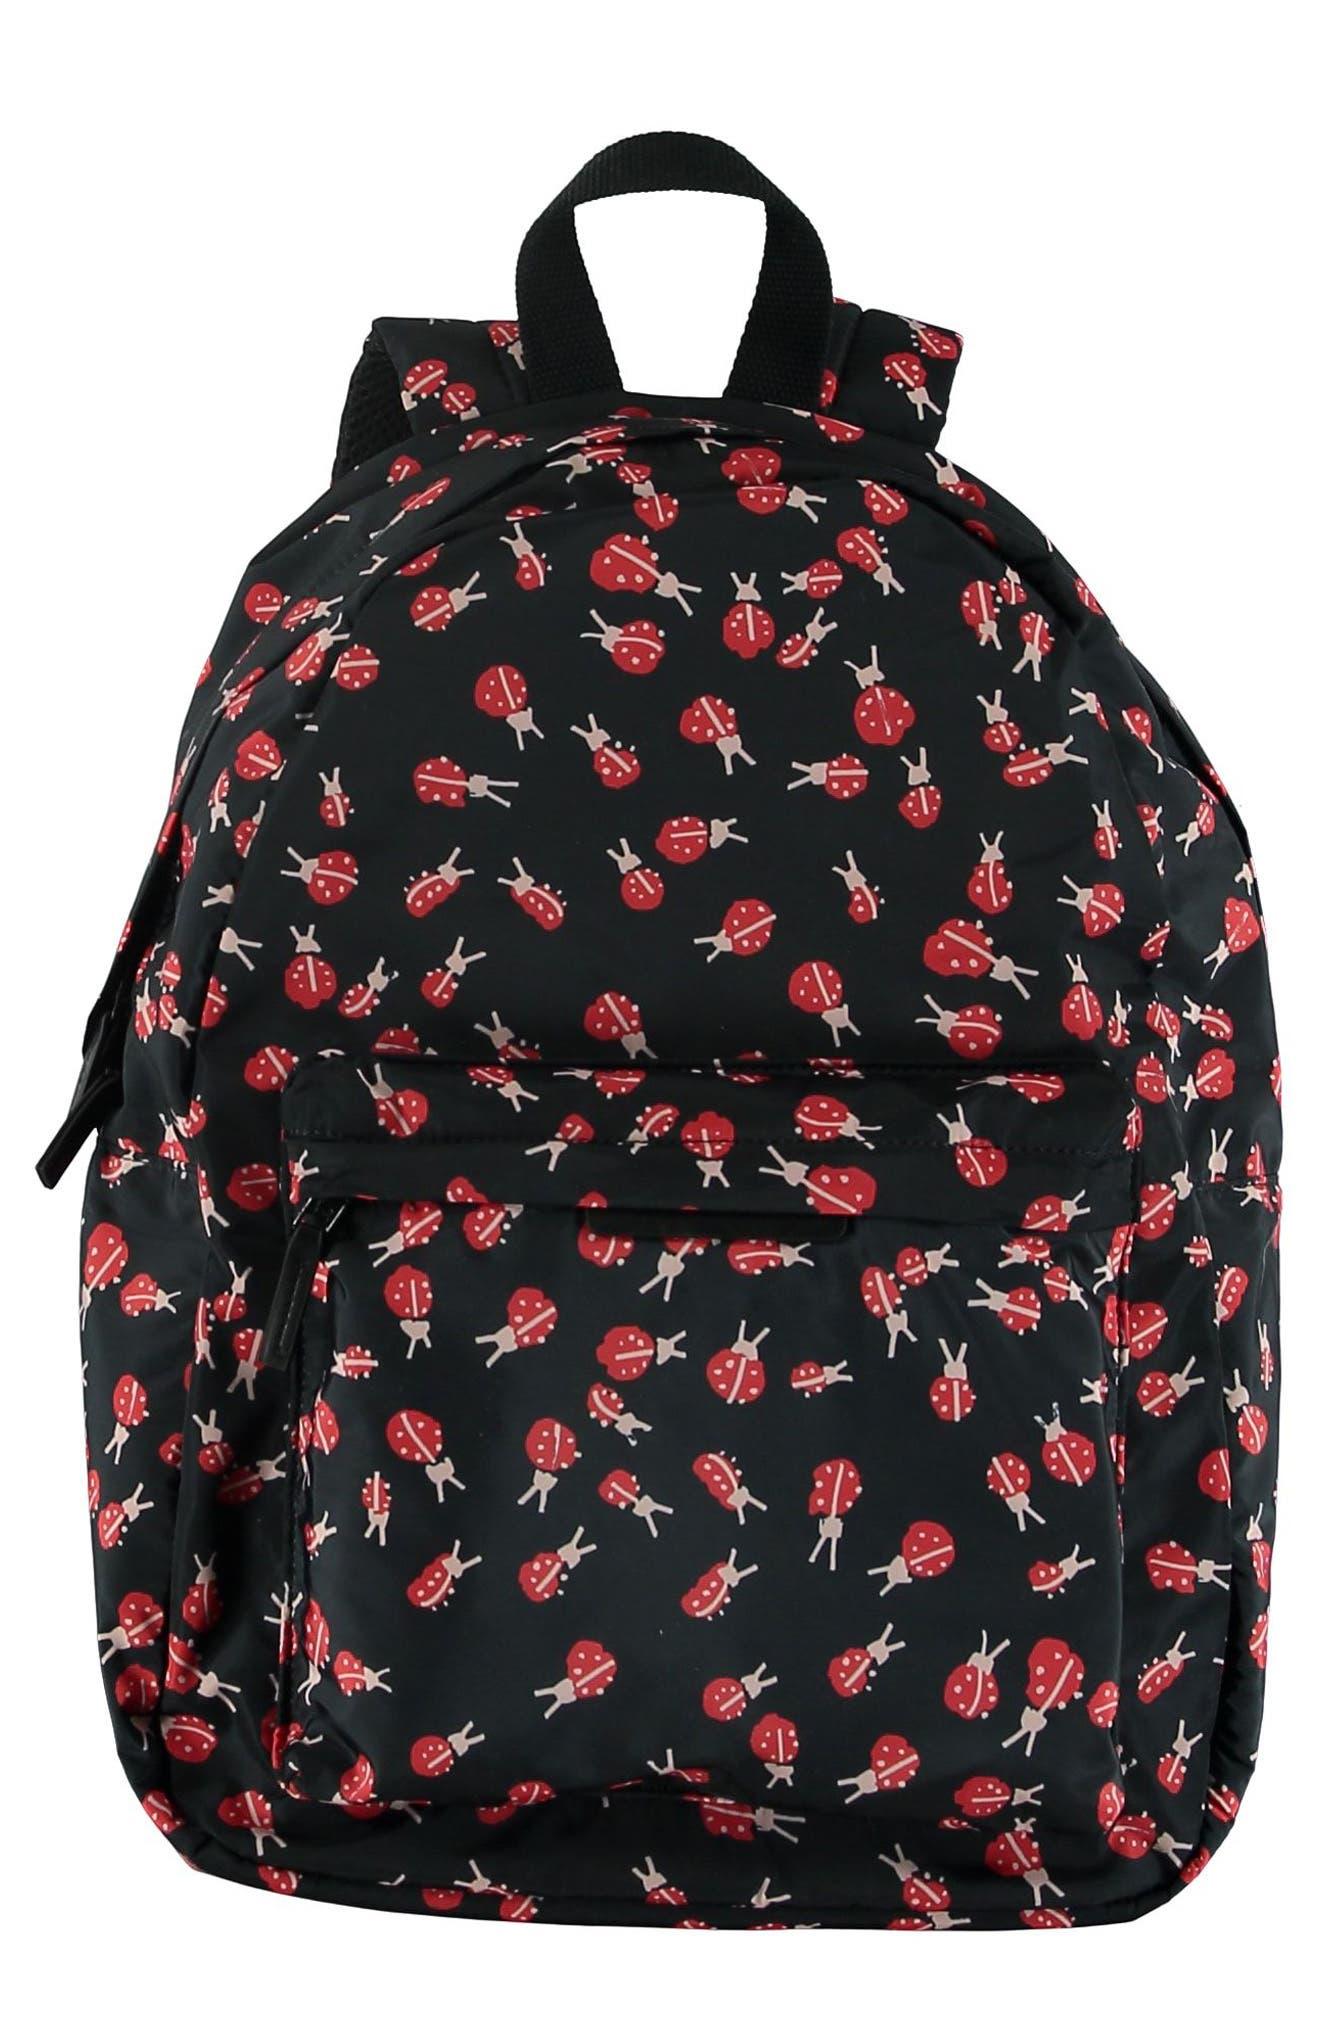 Ladybug Backpack,                         Main,                         color, 1075 BLACK